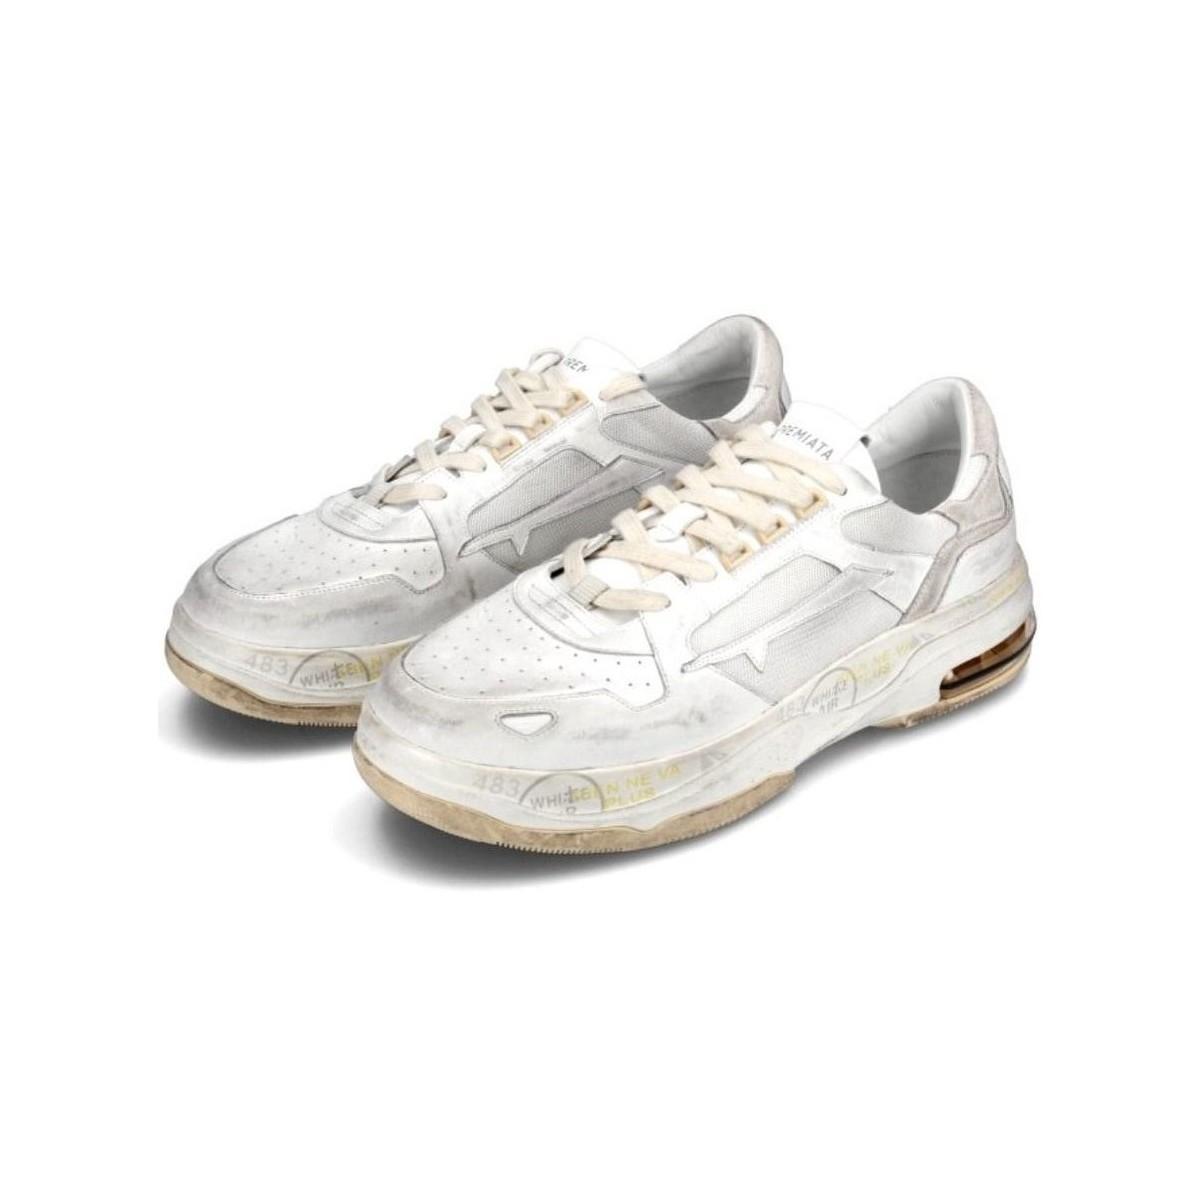 BASKETS FEMME Chaussures Premiata en coloris Blanc Snxp